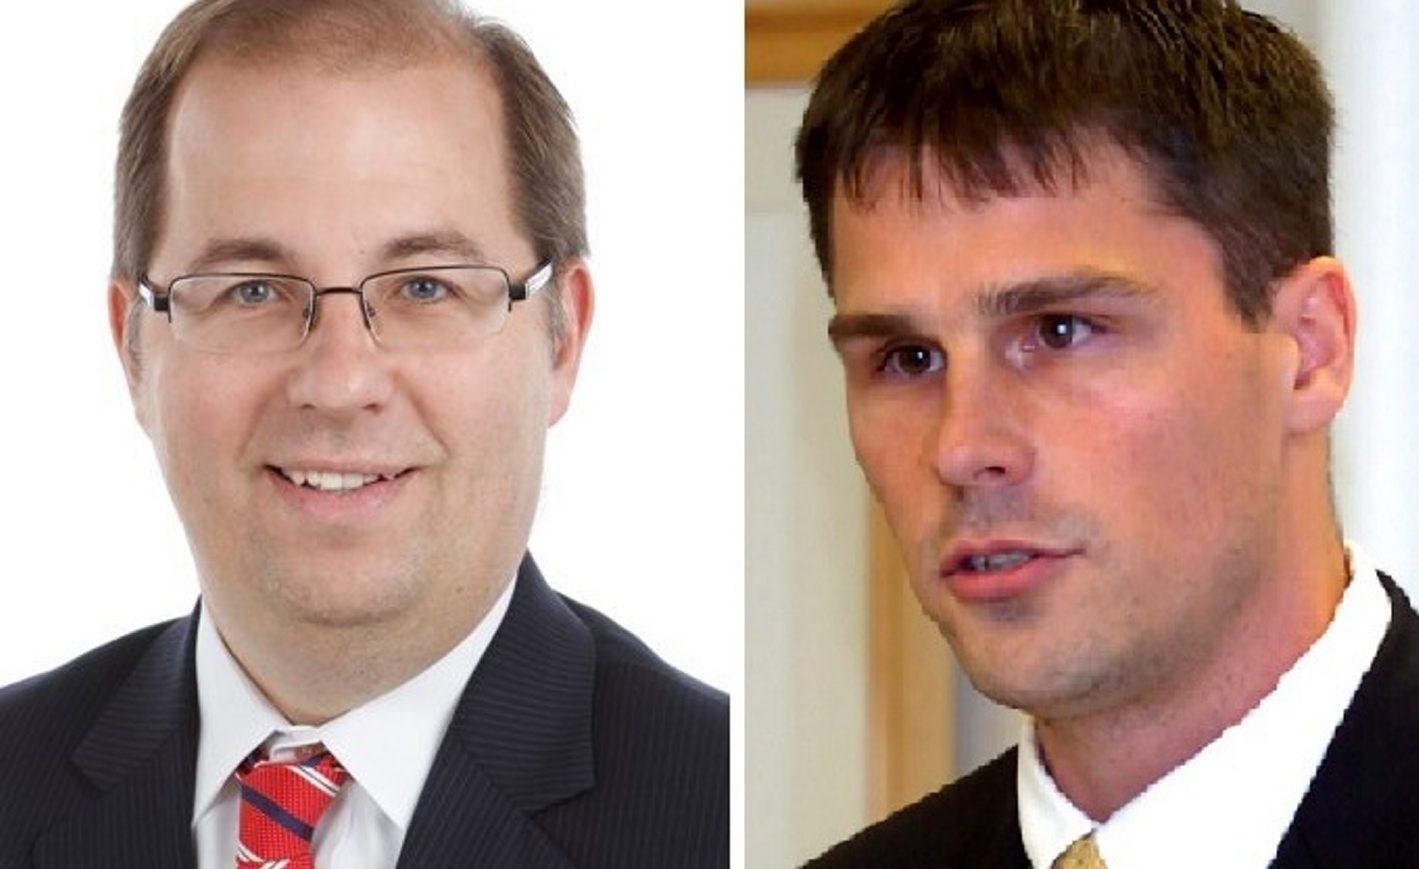 Walter L. Rooth III, left, is challenging incumbent Hamburg Supervisor Steven J. Walters.